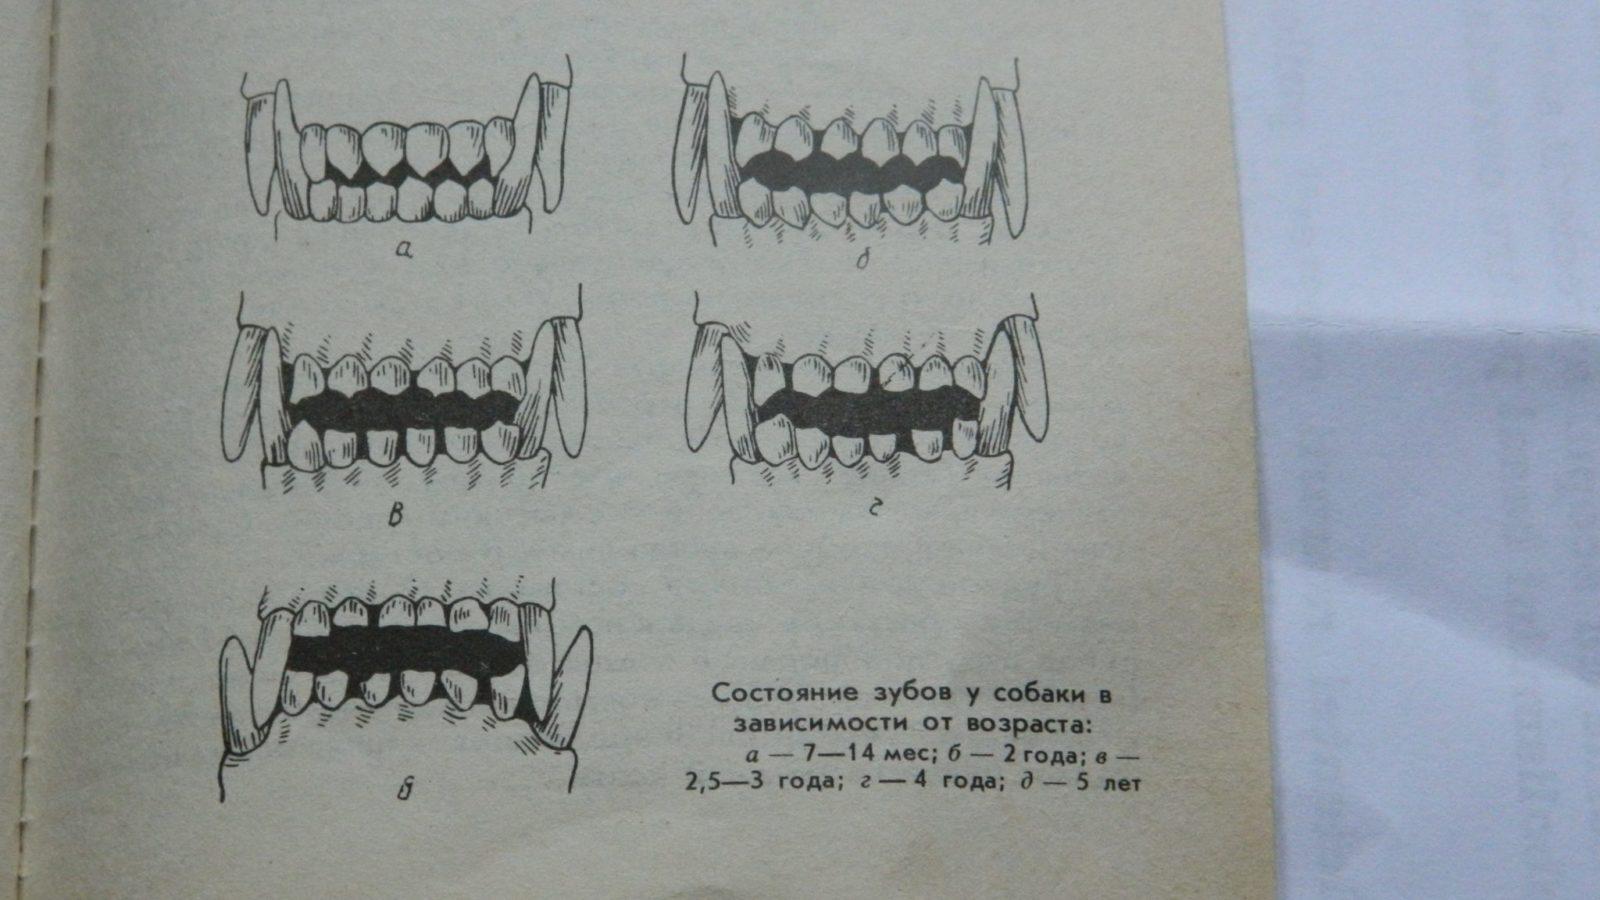 как определить возраст щенка по зубам фото находитесь